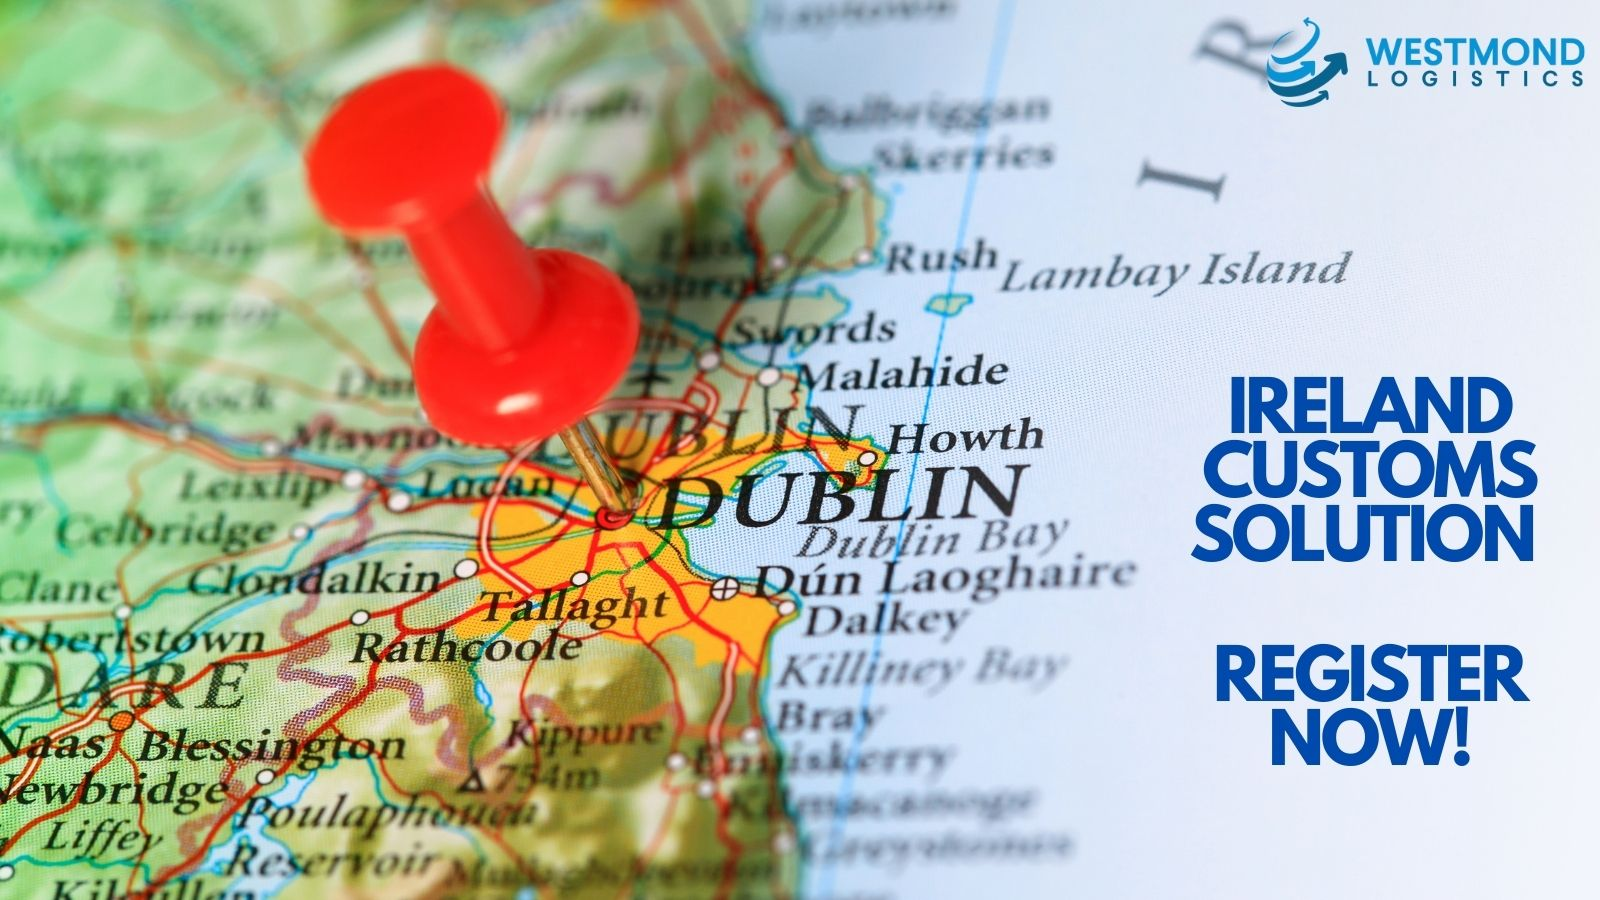 Republic of Ireland Customs